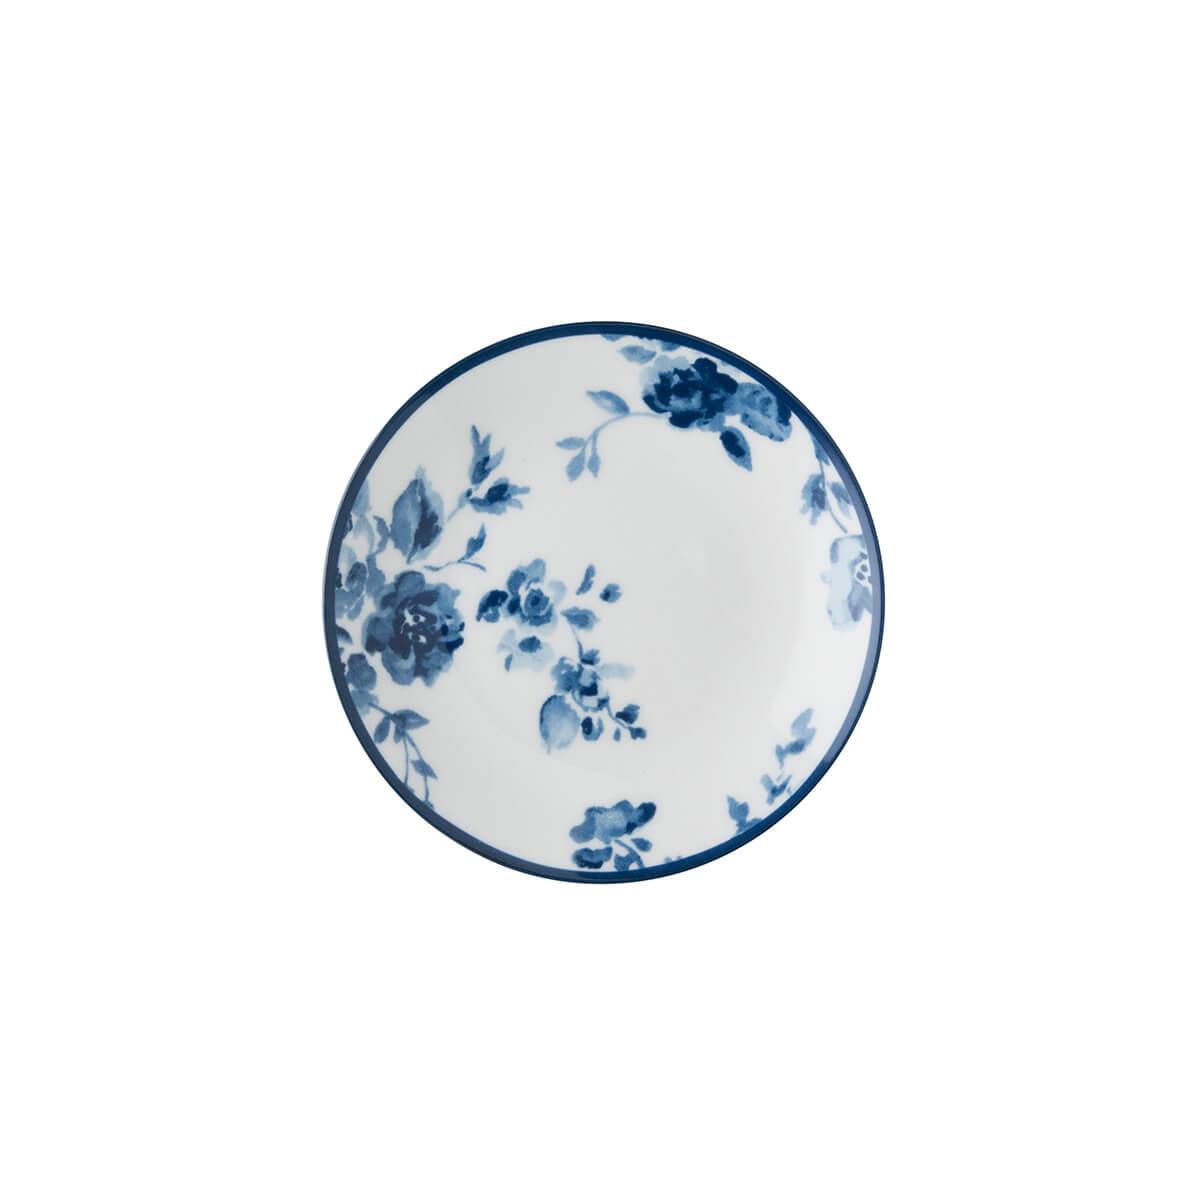 Онлайн каталог PROMENU: Тарелка маленькая фарфоровая Laura Ashley BLUEPRINT, 12 см, белый с синими розами                               178271